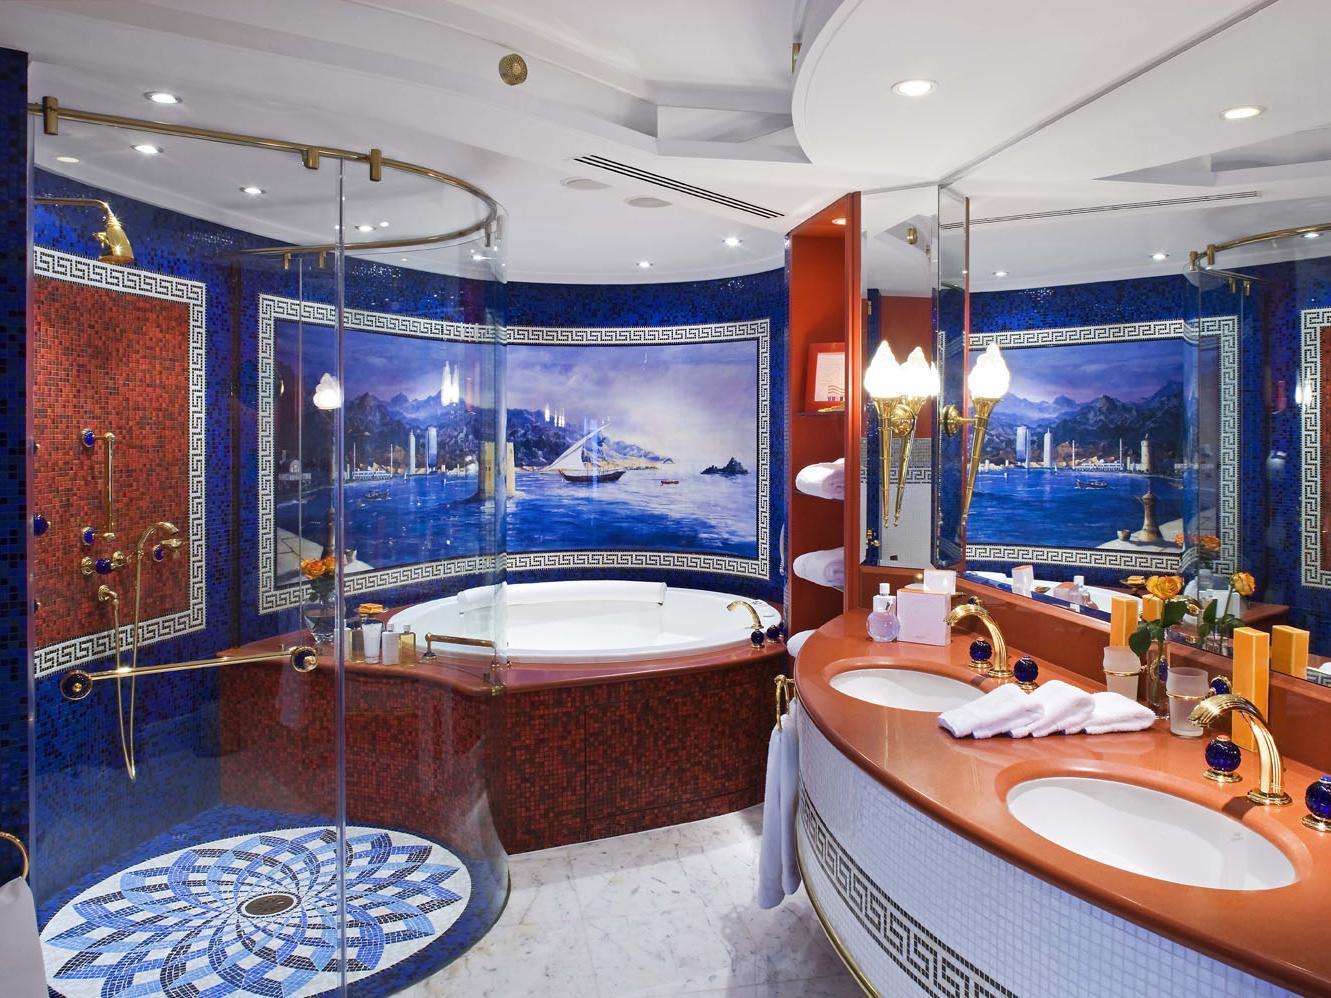 Best Price on Burj Al Arab Jumeirah in Dubai + Reviews!